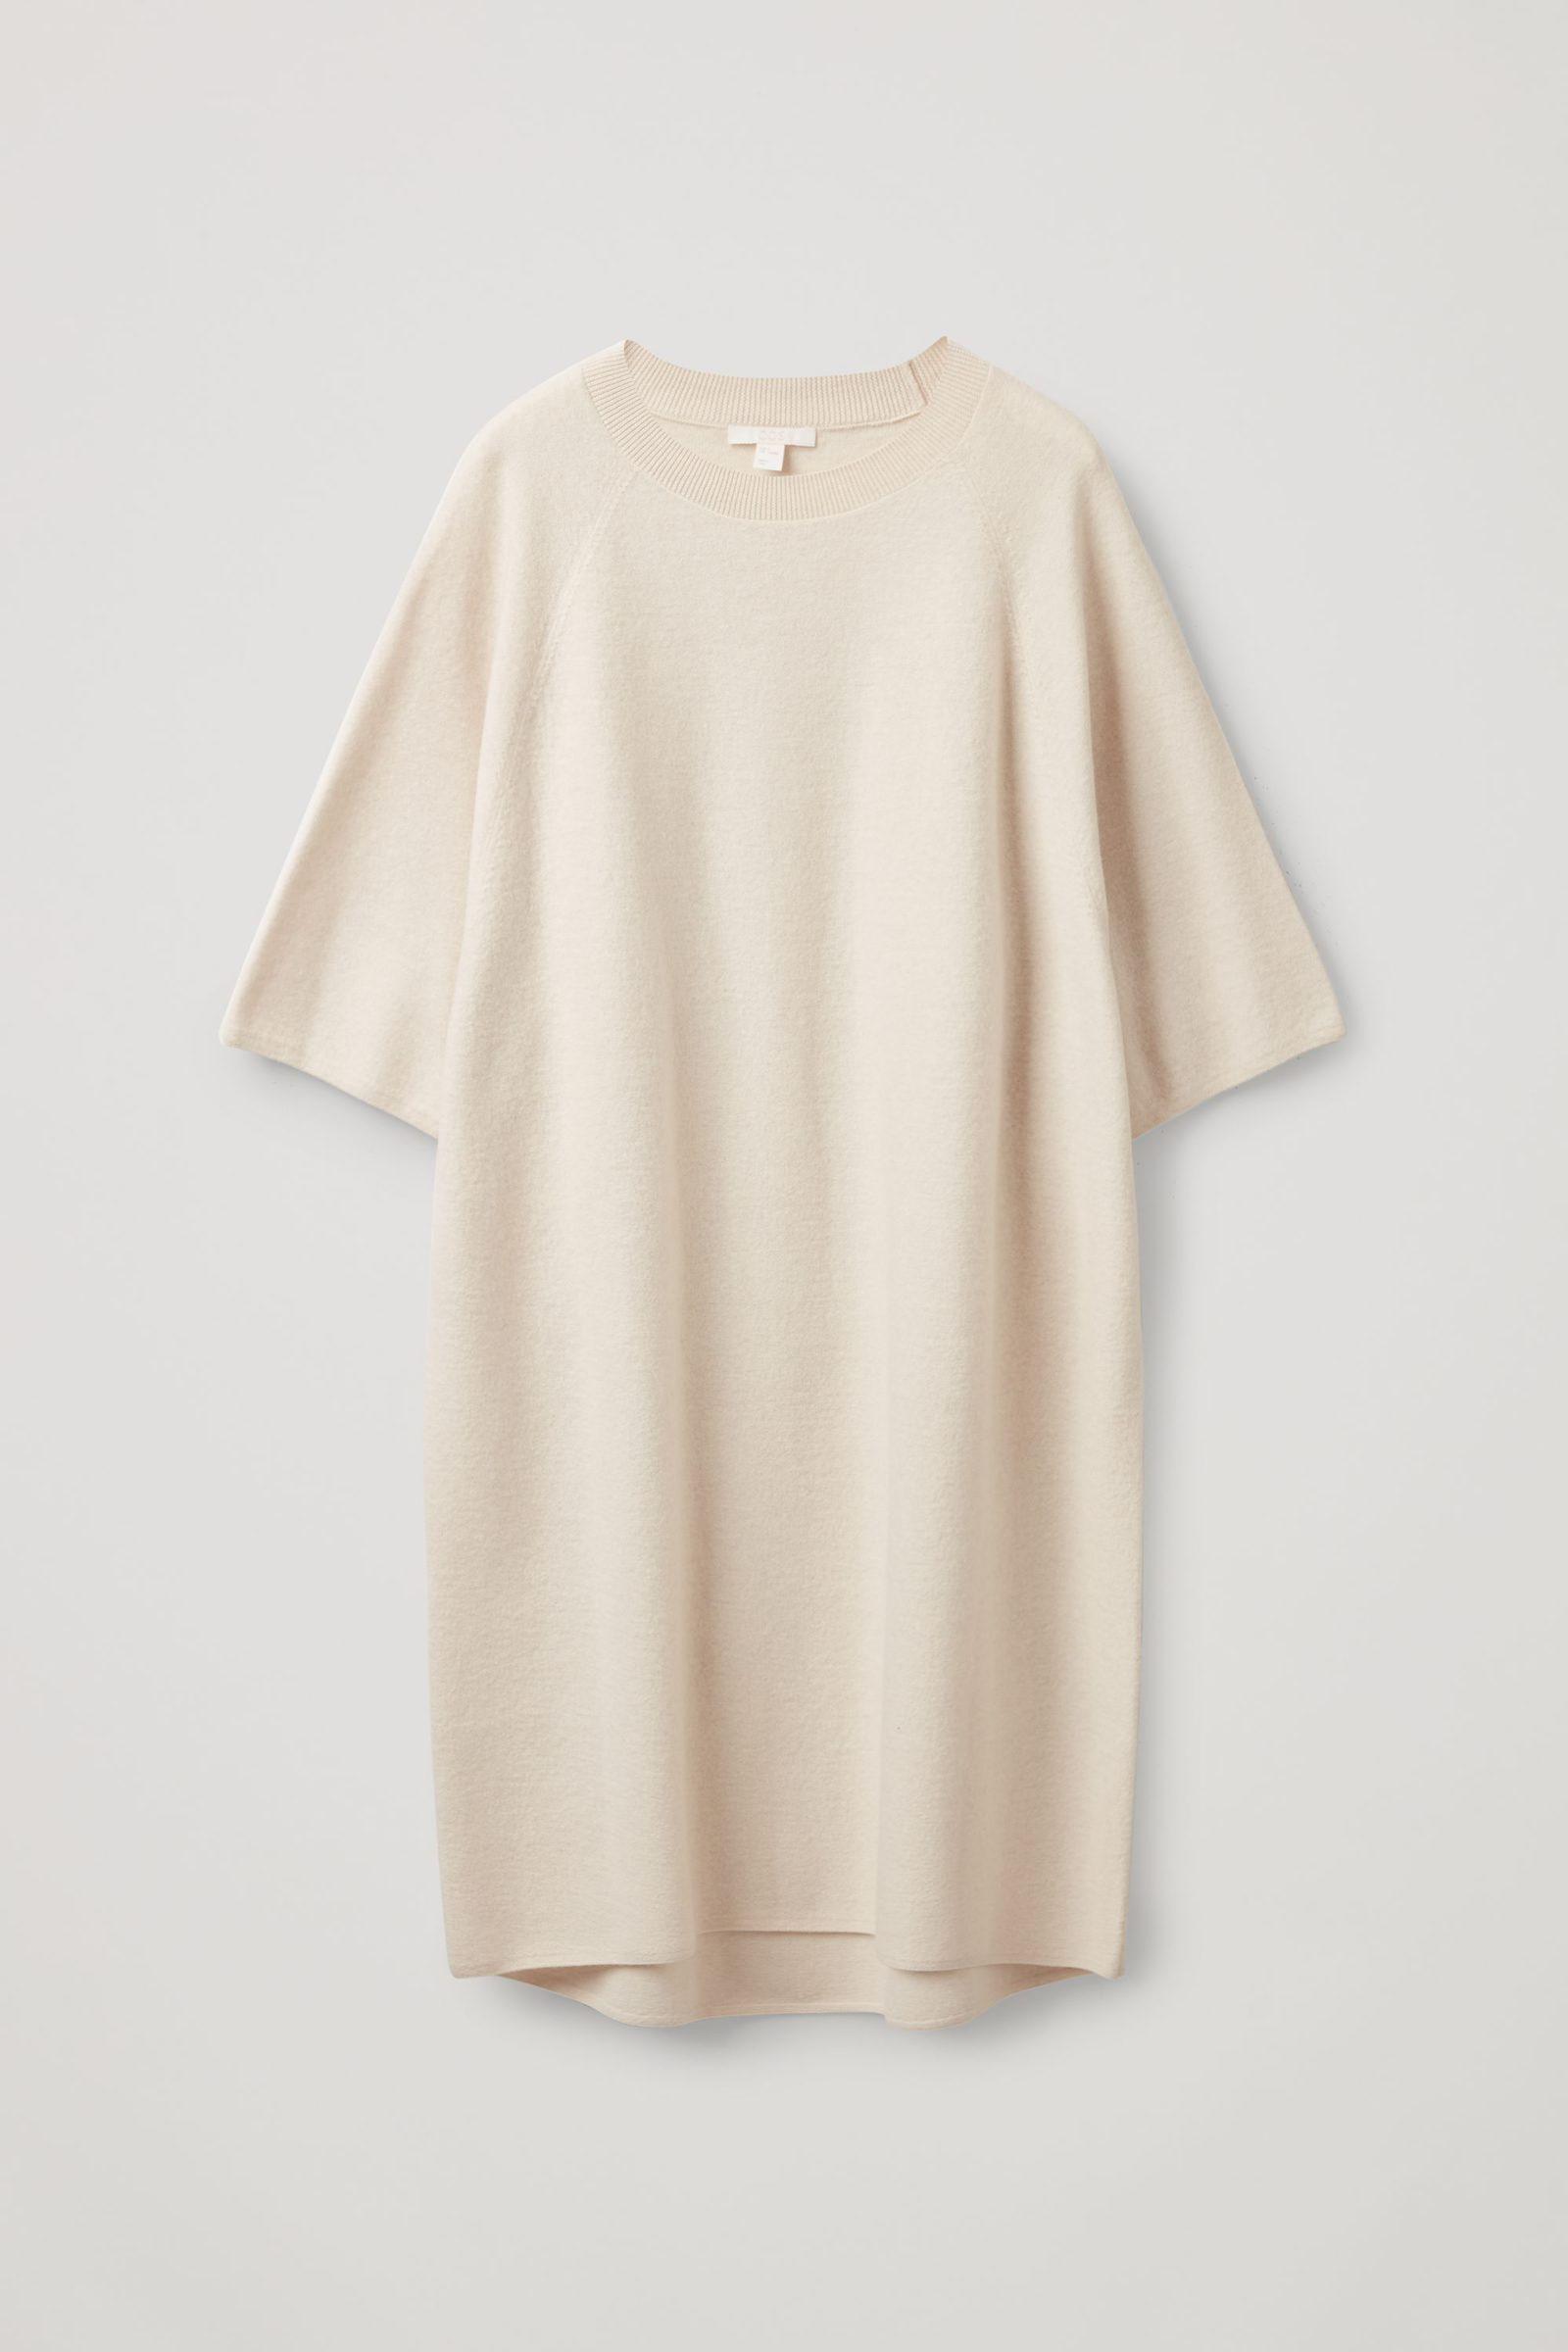 COS 오버사이즈 핏 울 티셔츠 드레스의 오프 화이트컬러 Product입니다.